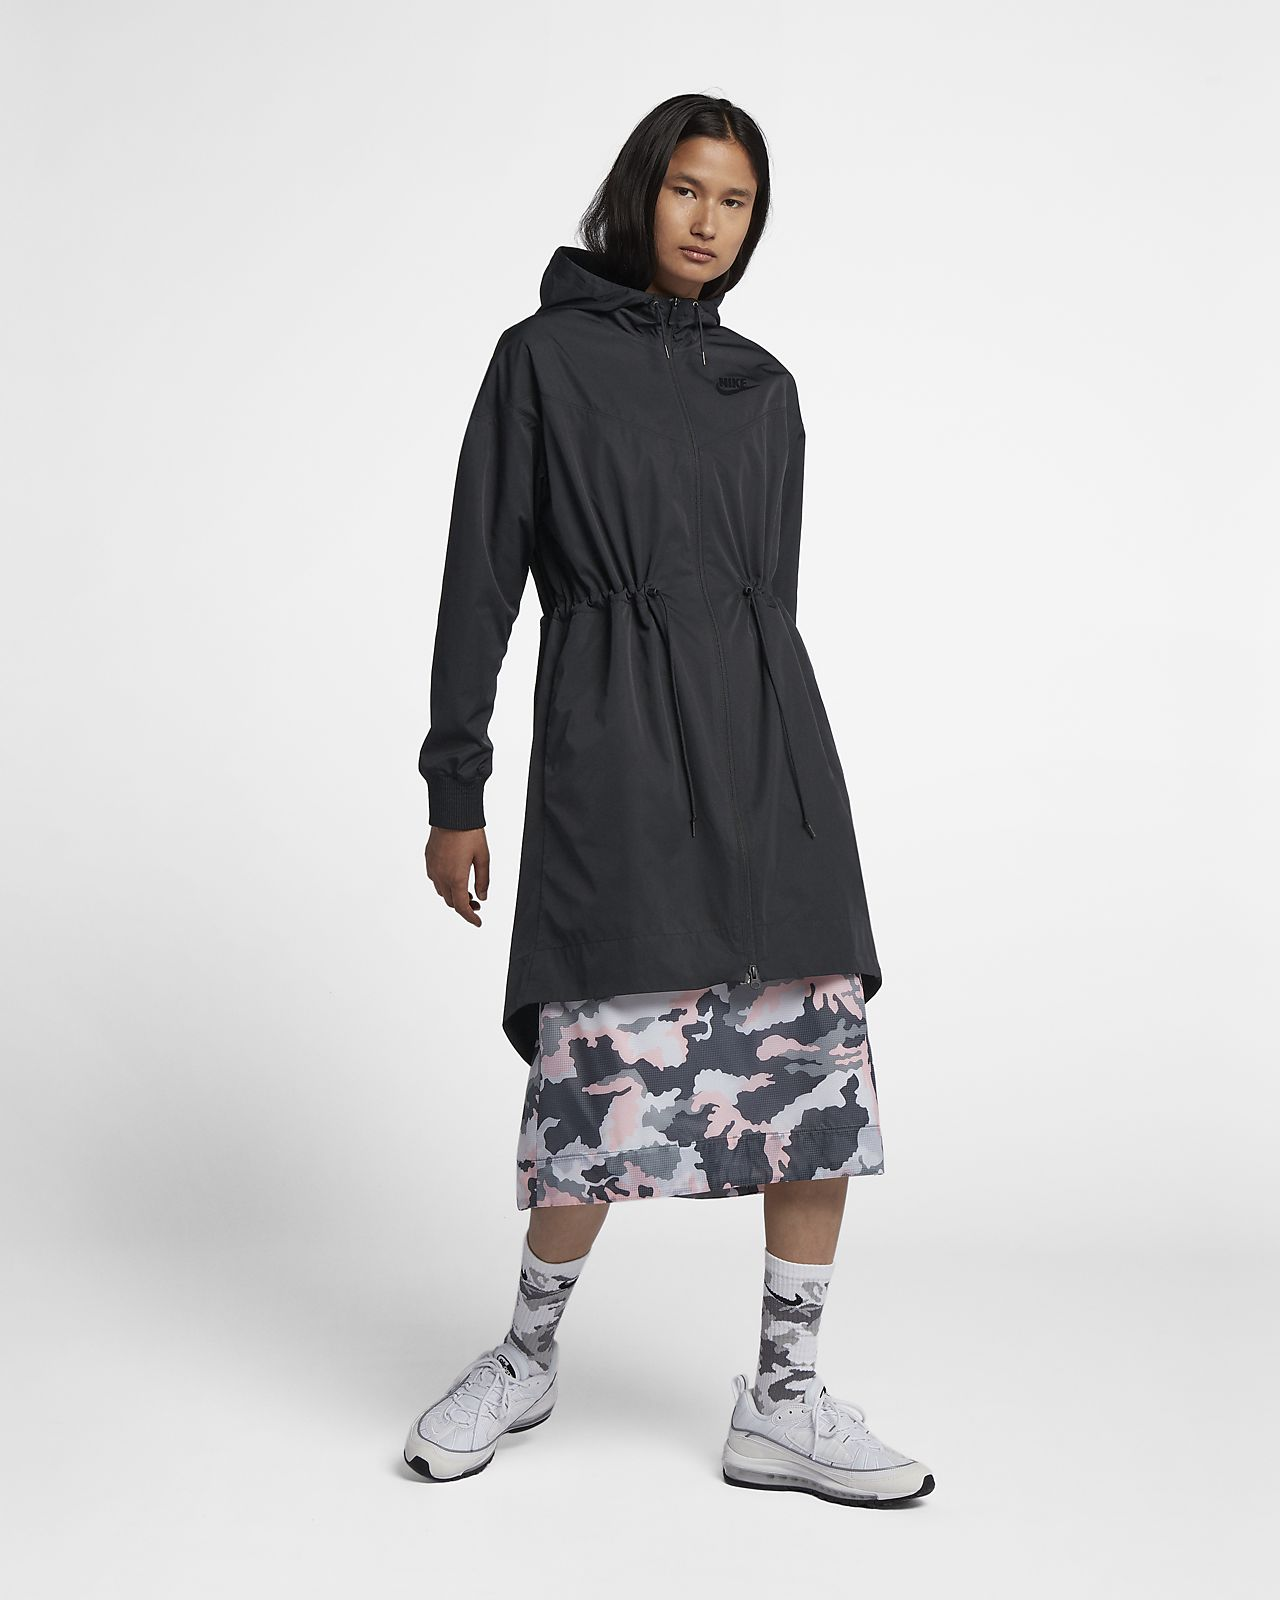 92f19fcae Nike Sportswear Shield Windrunner Women's Jacket. Nike.com